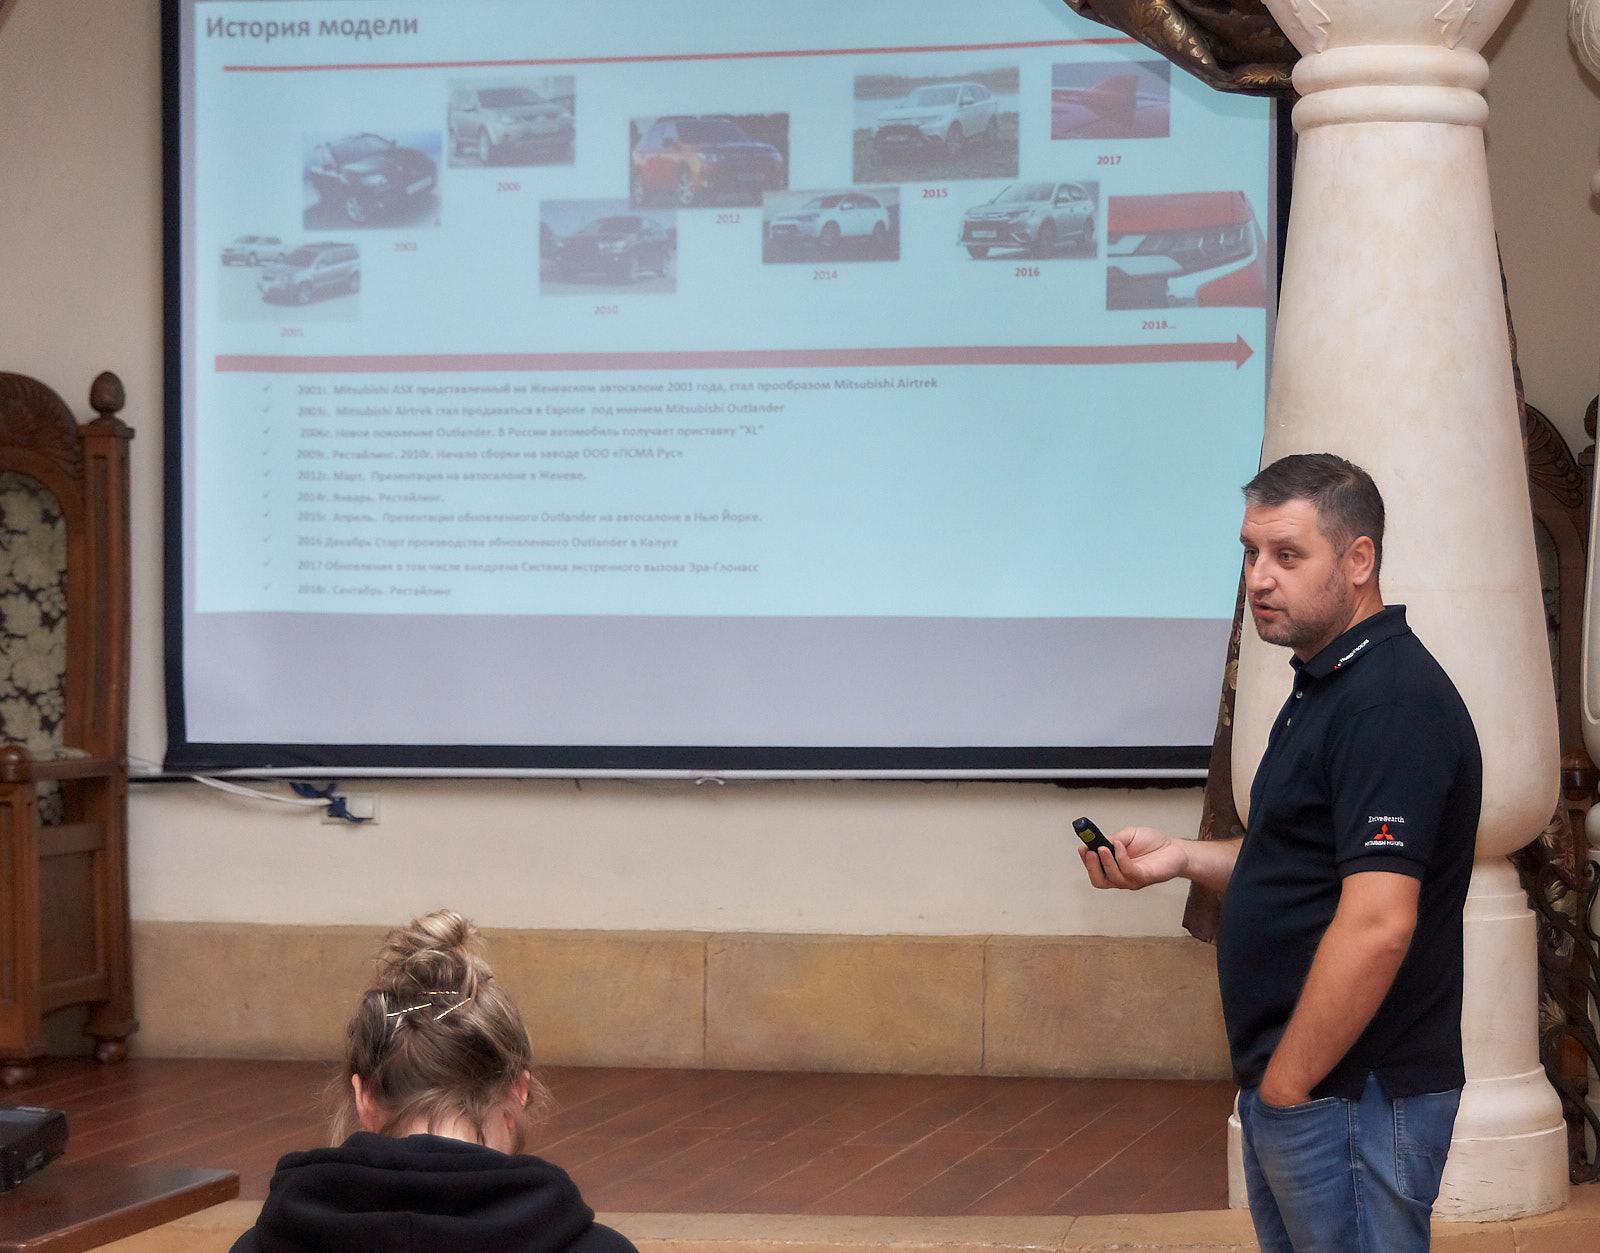 Тест-драйв Mitsubishi Outlander Рязань август 2019 Илья Никоноров